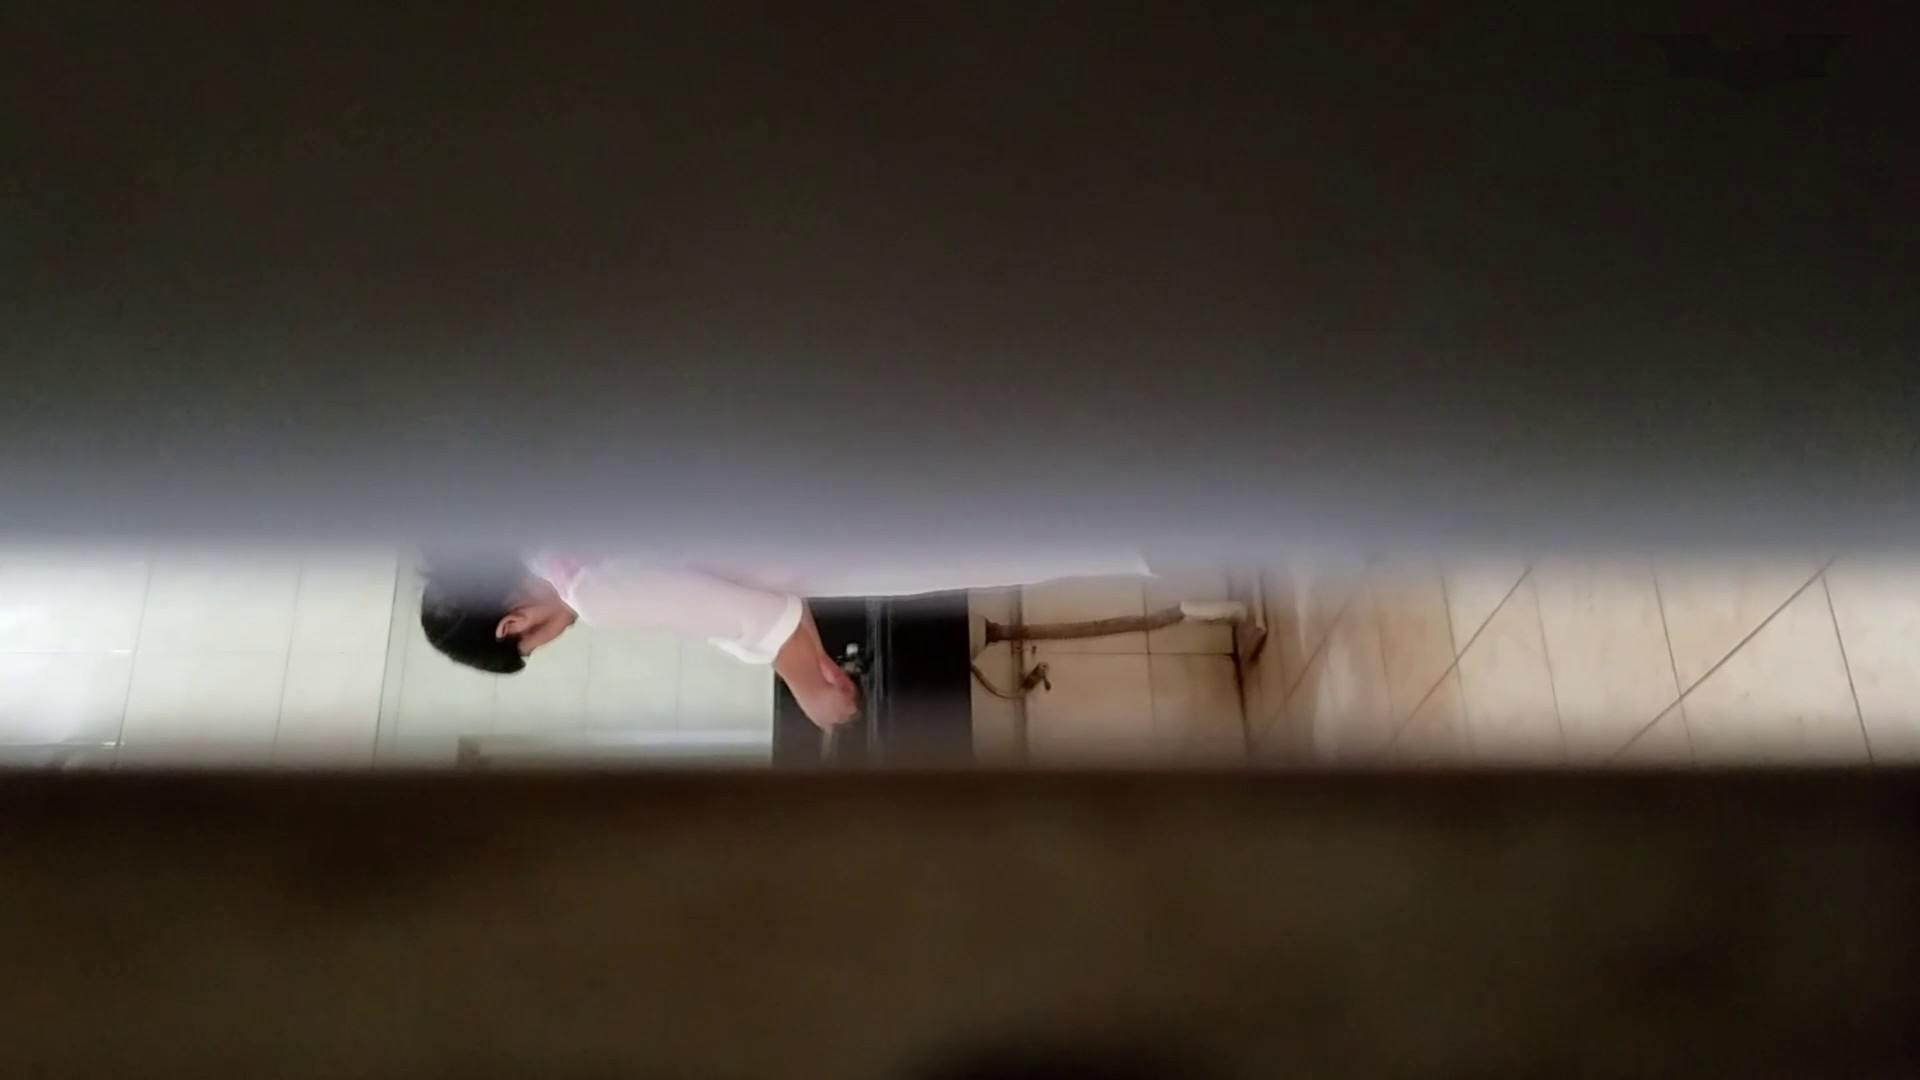 無修正エロ動画 JD盗撮 美女の洗面所の秘密 Vol.75 怪盗ジョーカー